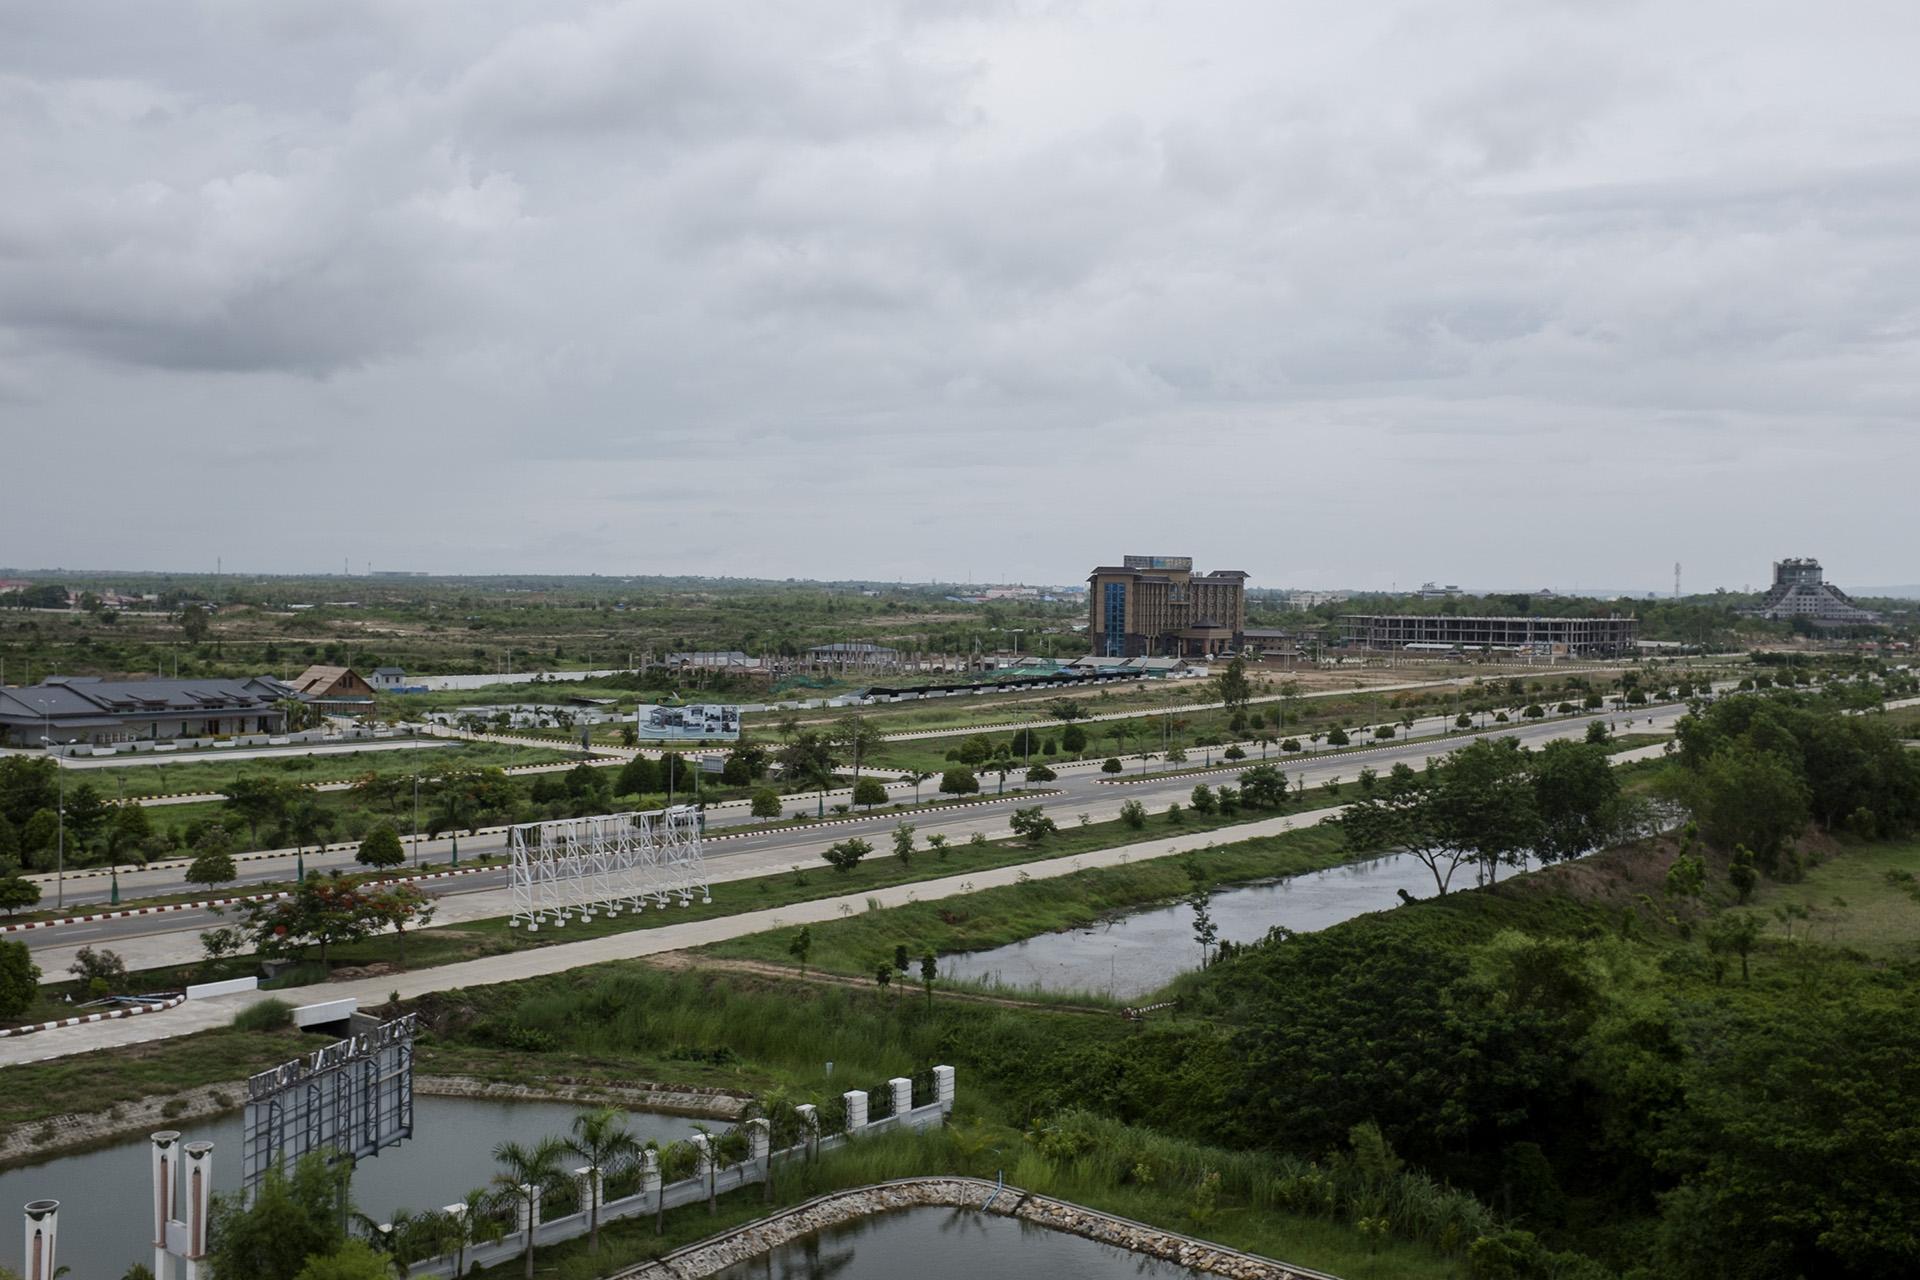 Vue depuis un des hotels de la zone 2. À Napyidaw, la ville est divisée entre zones qui cloisonnent, les travailleurs migrants, les fonctionnaires et les touristes ou business men. Naypyidaw, Birmanie. Mai 2015.